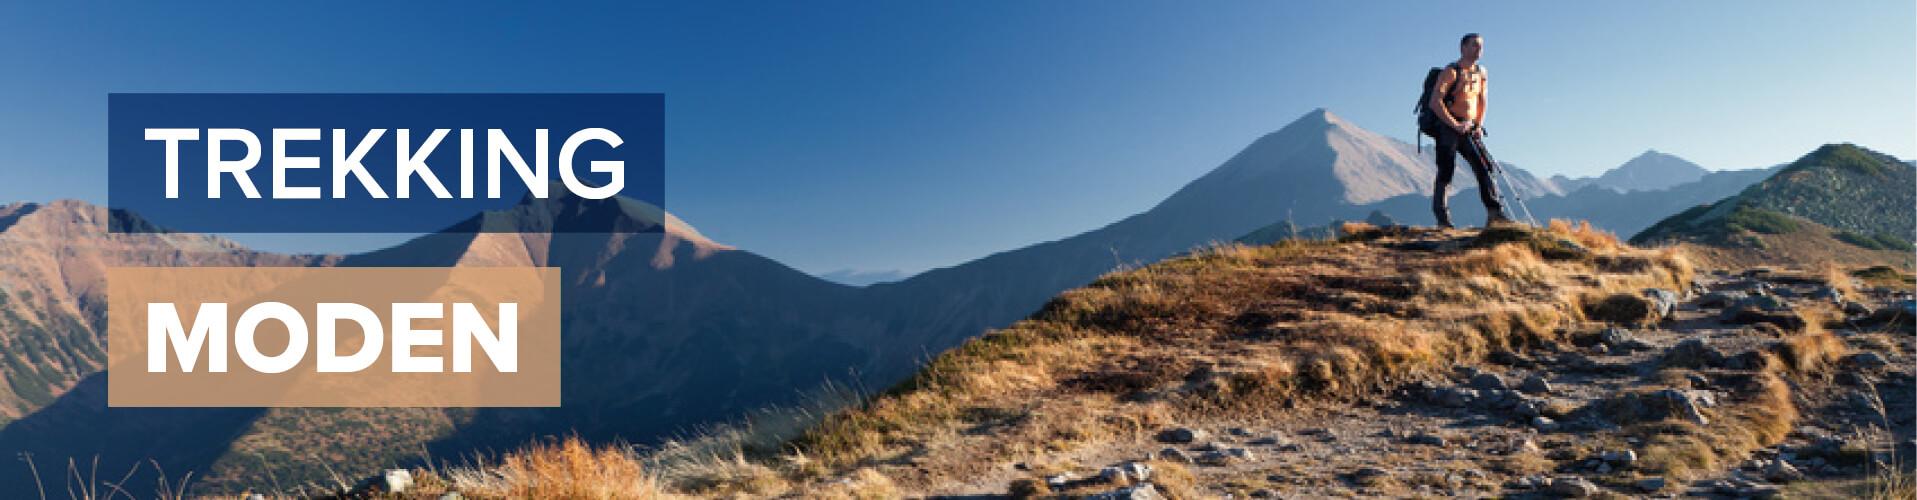 Schmuckbild für die Kategorie Trekking